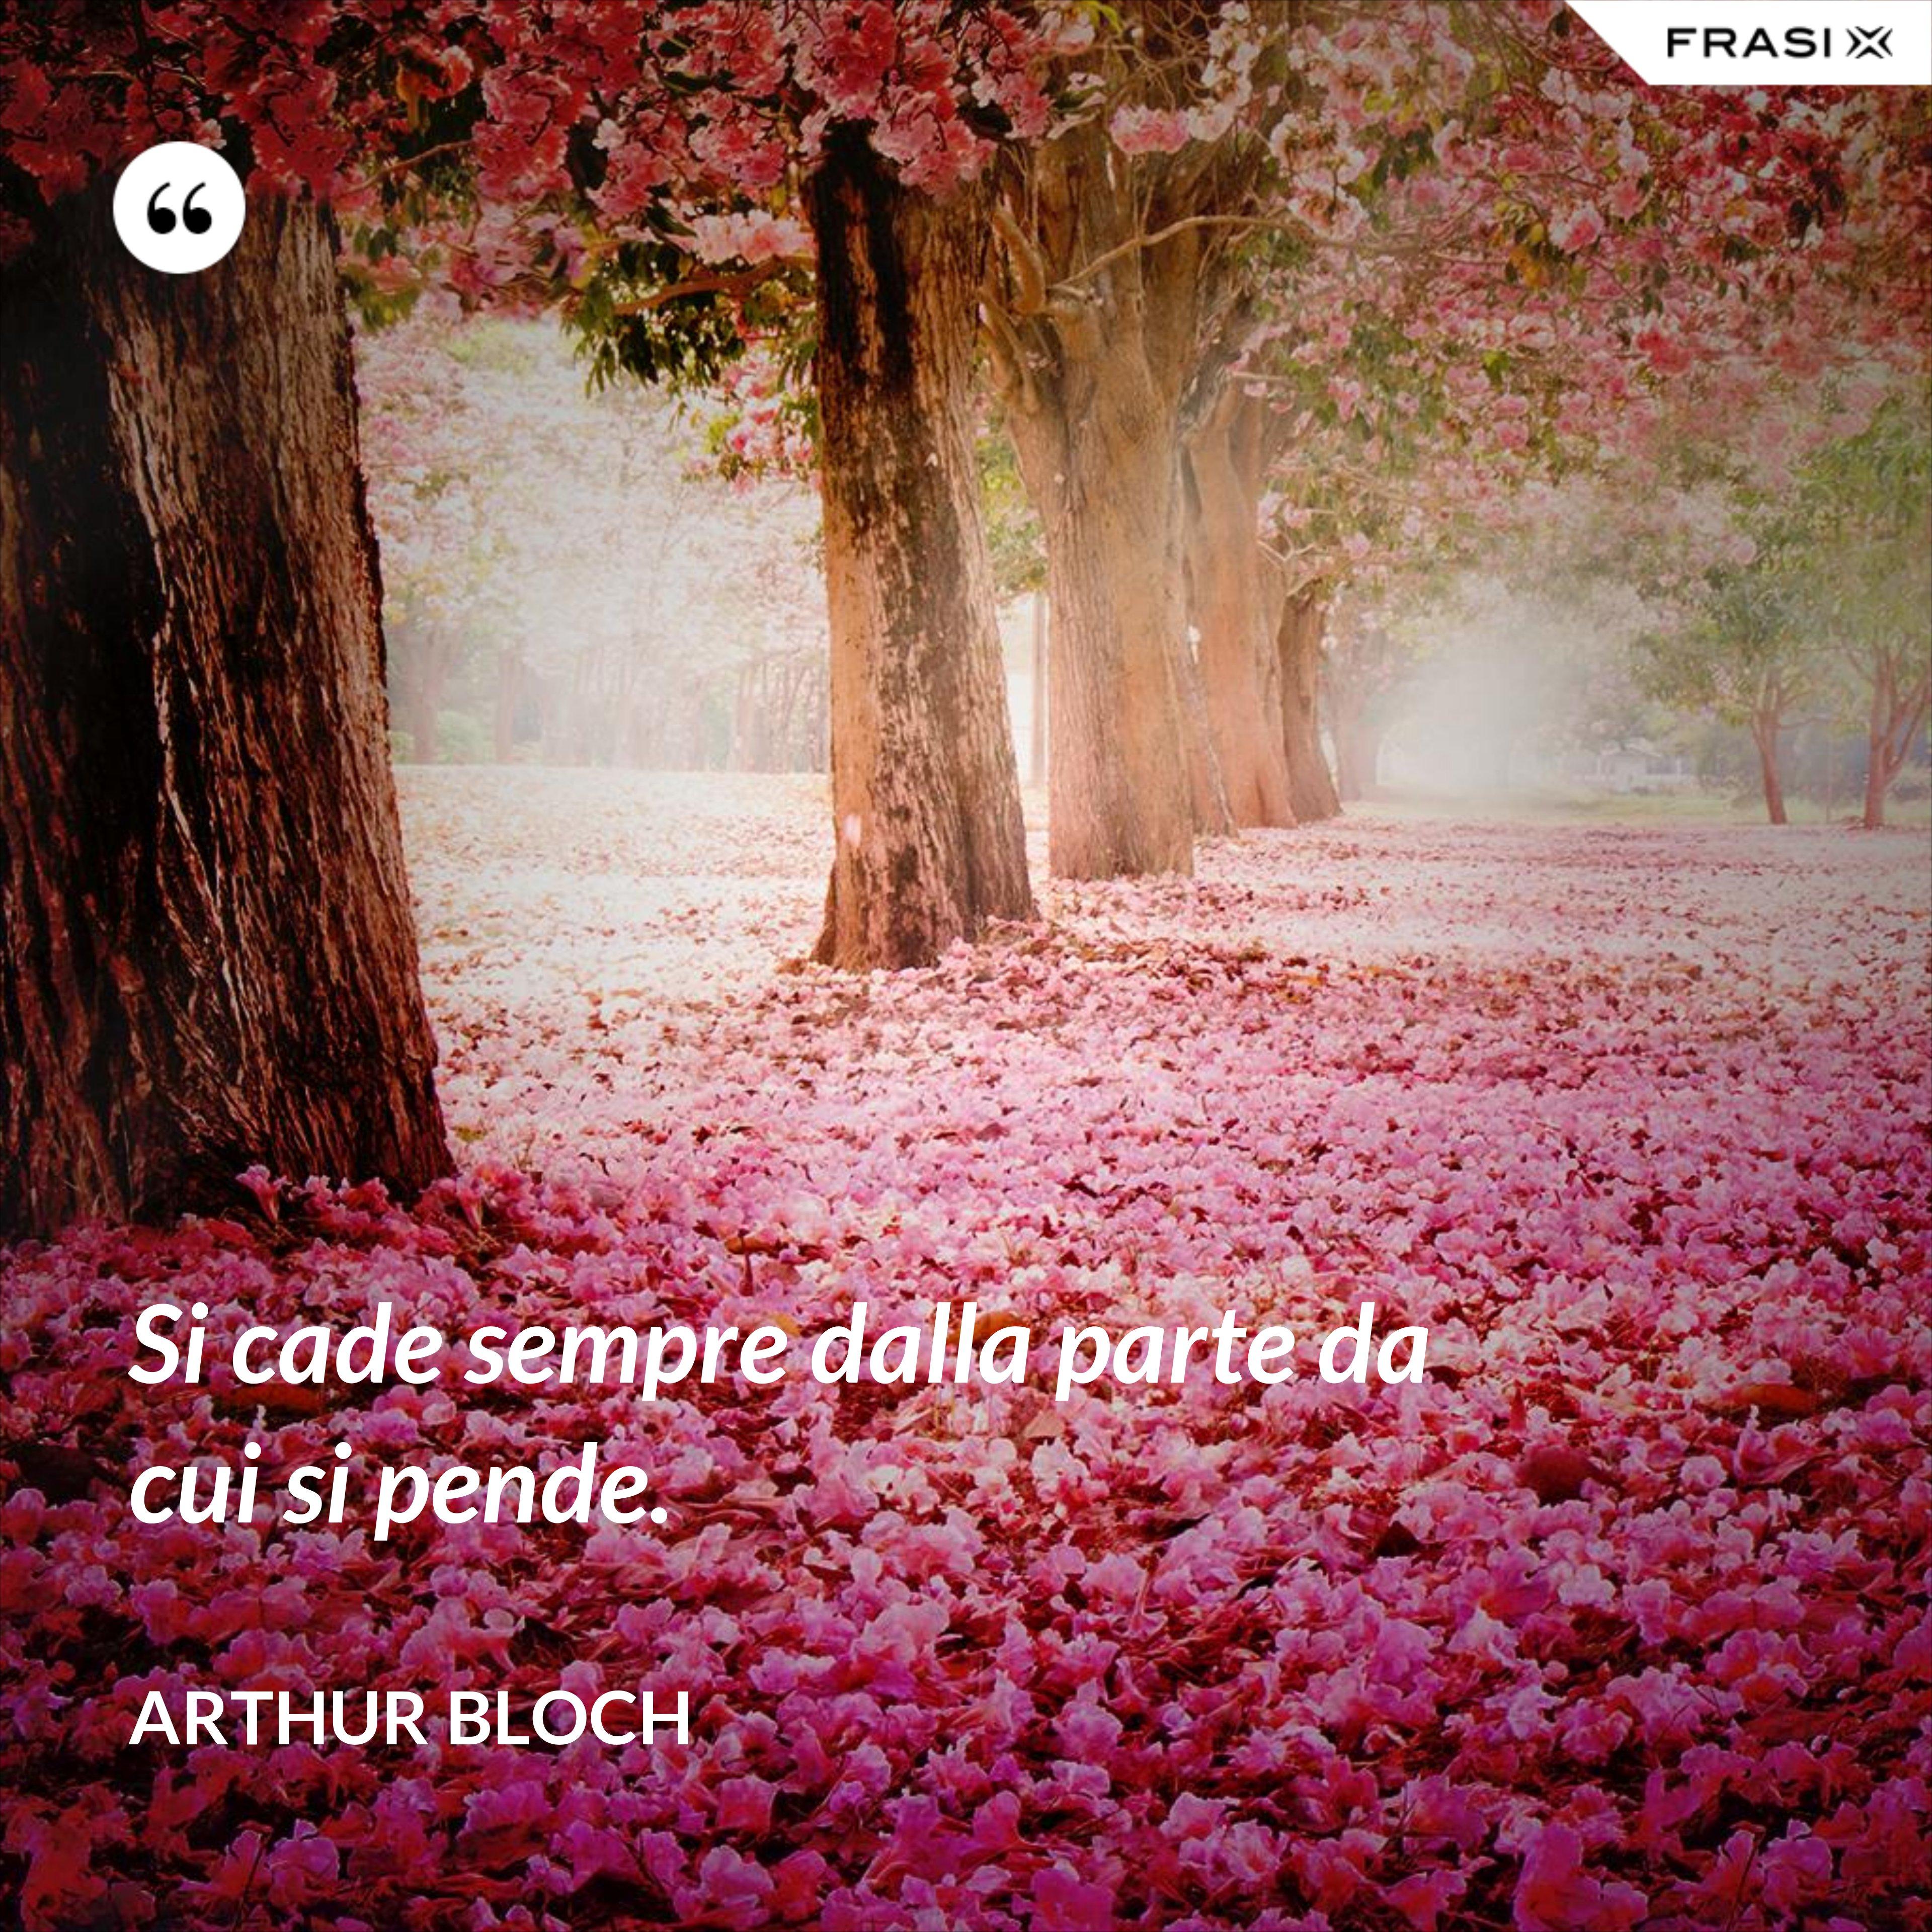 Si cade sempre dalla parte da cui si pende. - Arthur Bloch